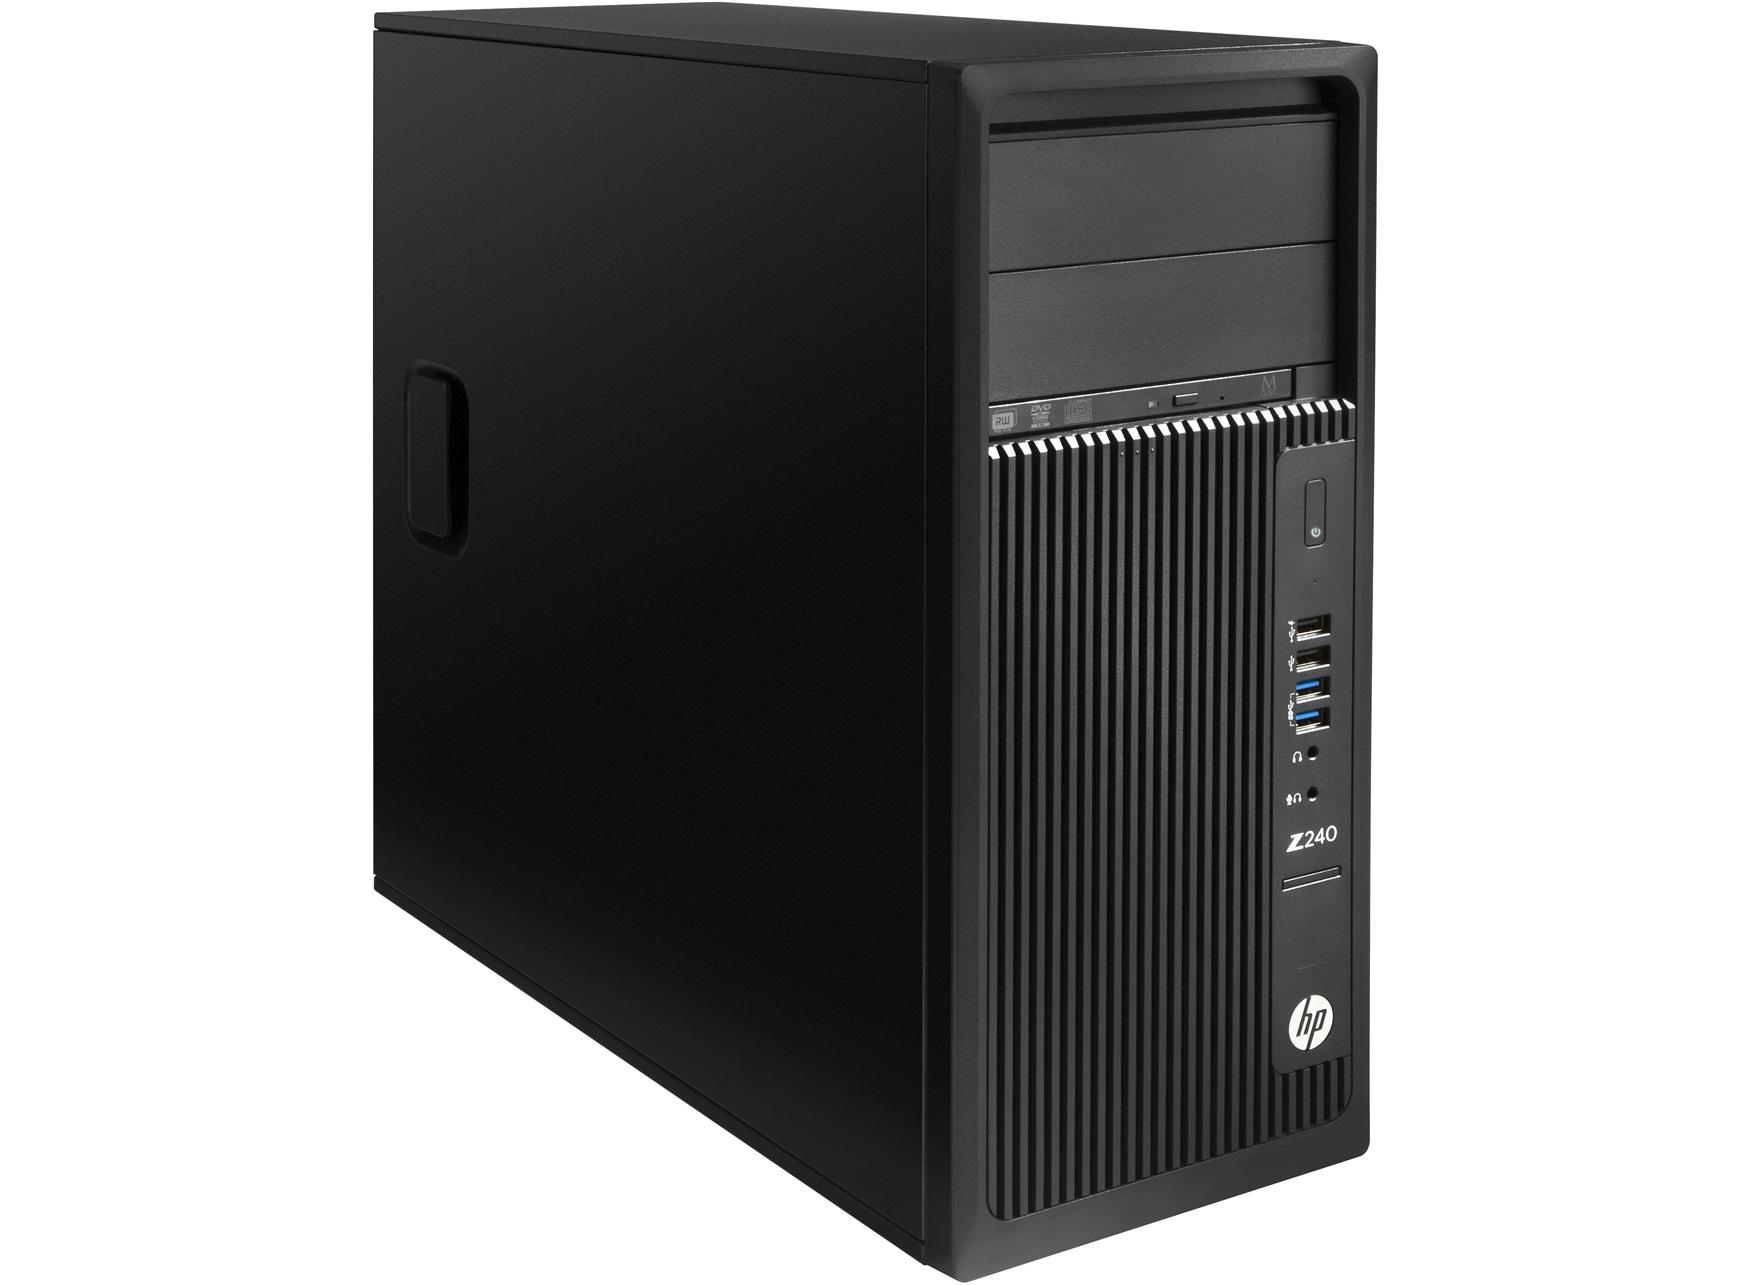 HP Z240 3.5GHz E3-1245V5 Torre Nero Stazione di lavoro